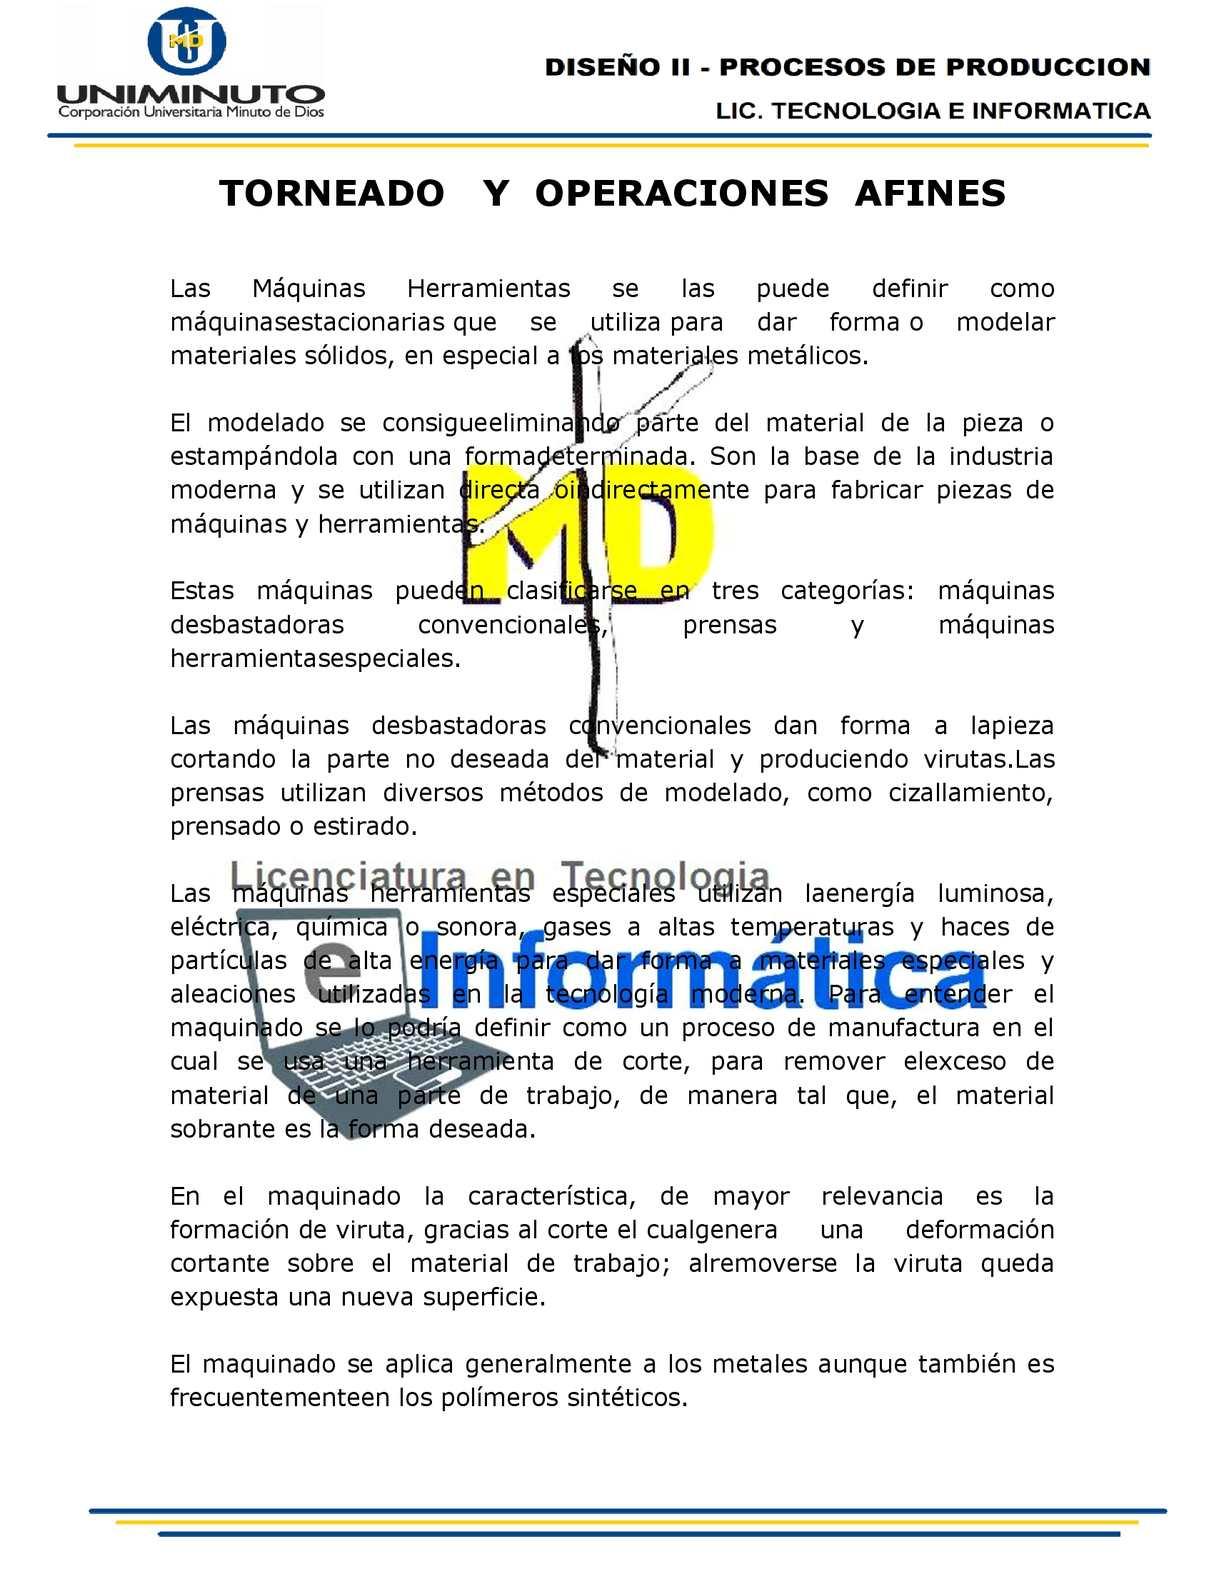 Calaméo - TORNEADO Y OPERACIONES AFINES